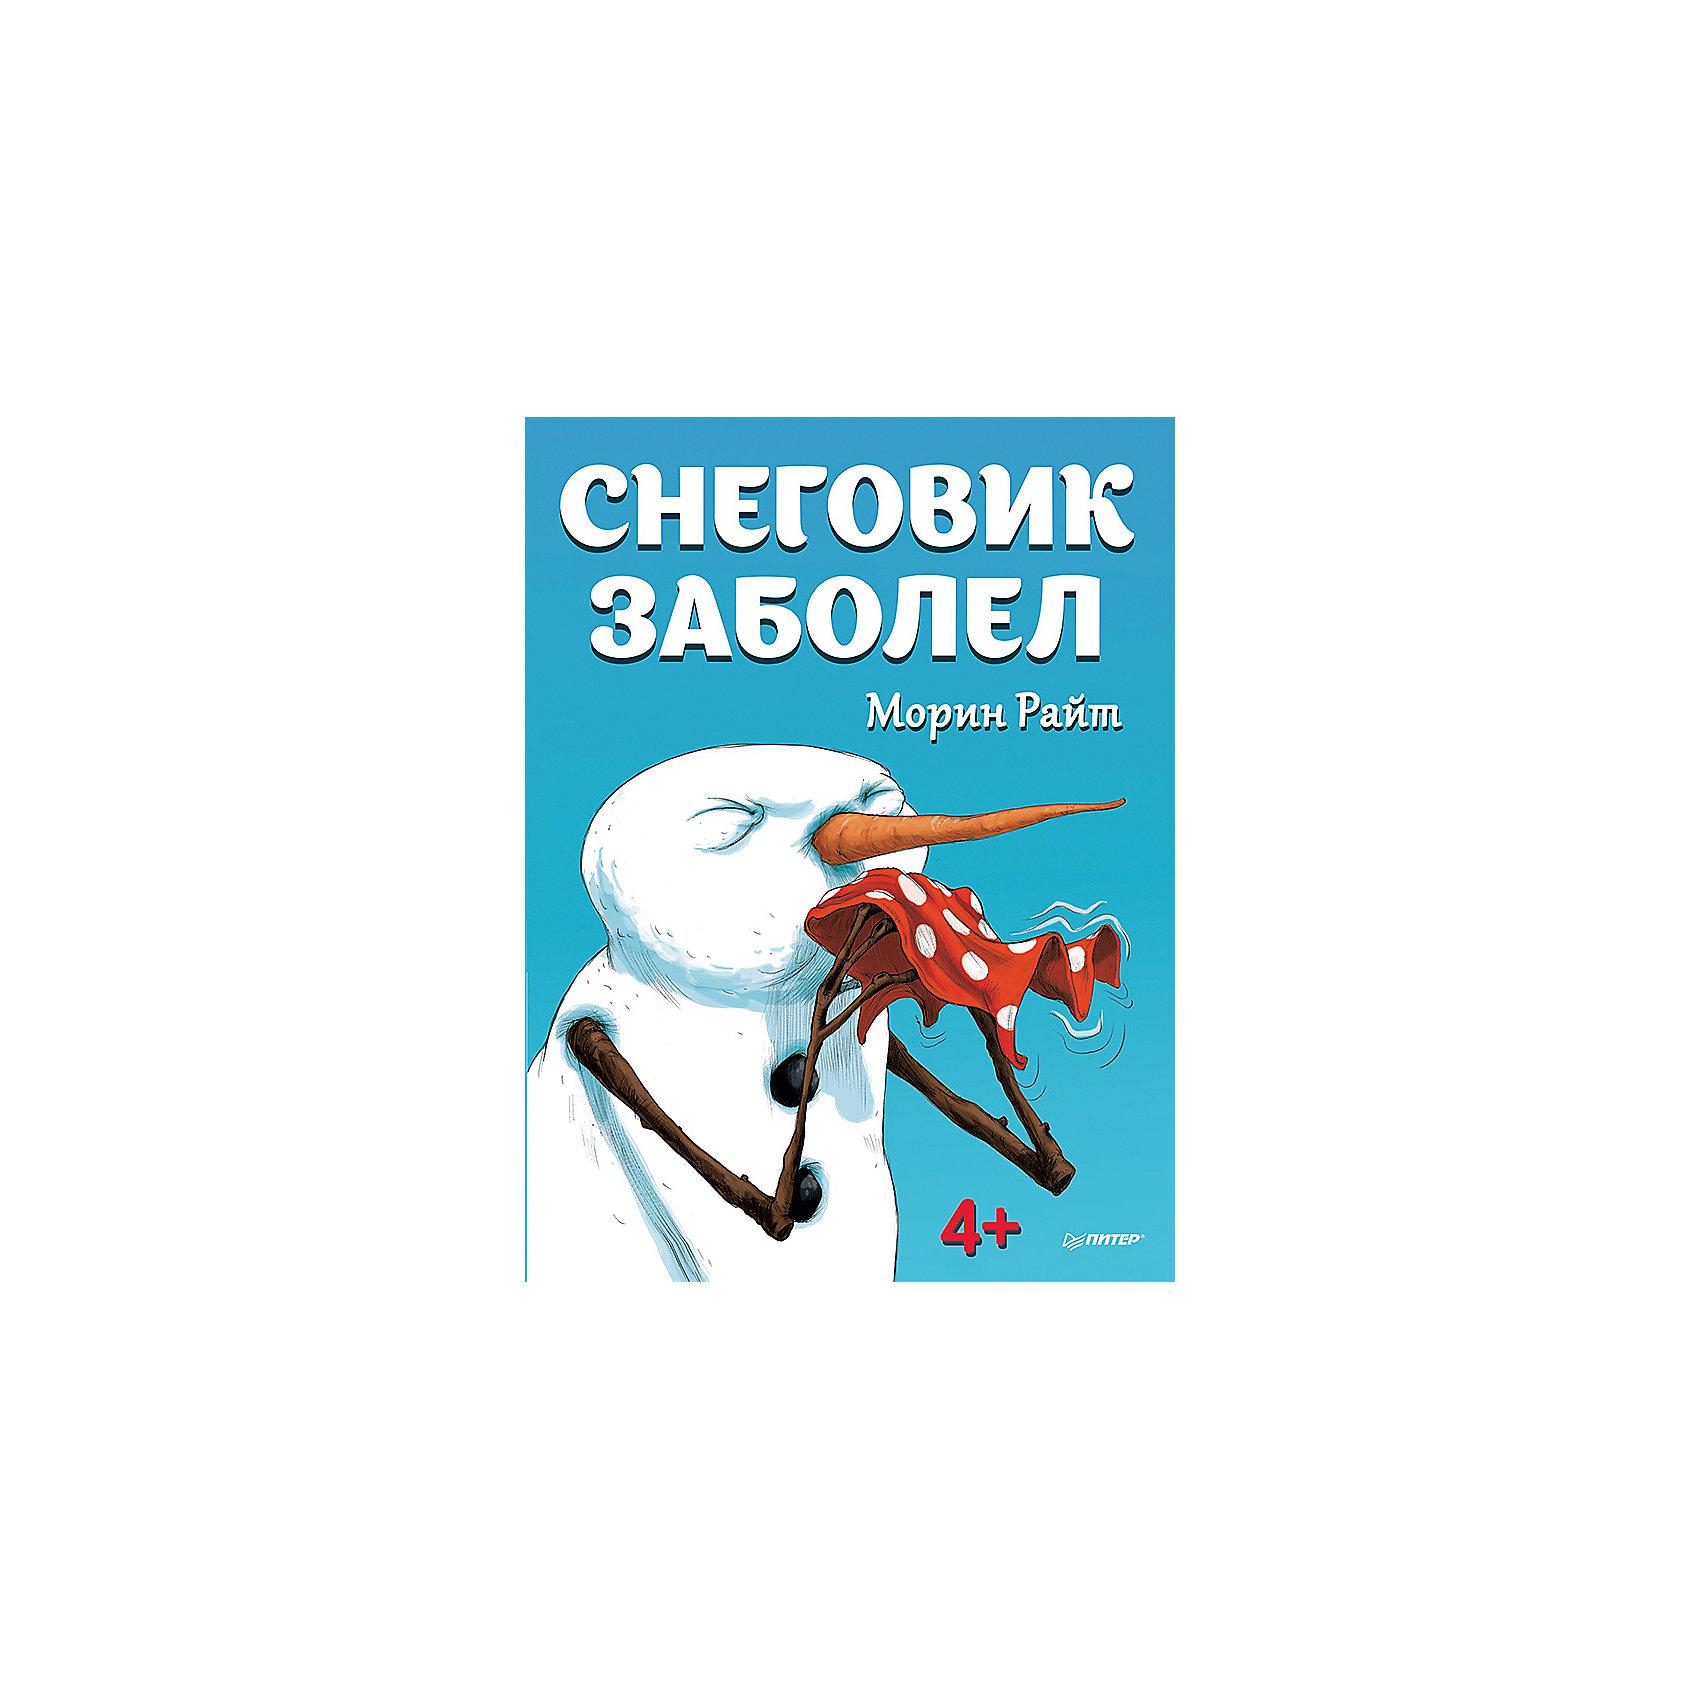 ПИТЕР Снеговик заболел фитце и о плохом и хорошем сне